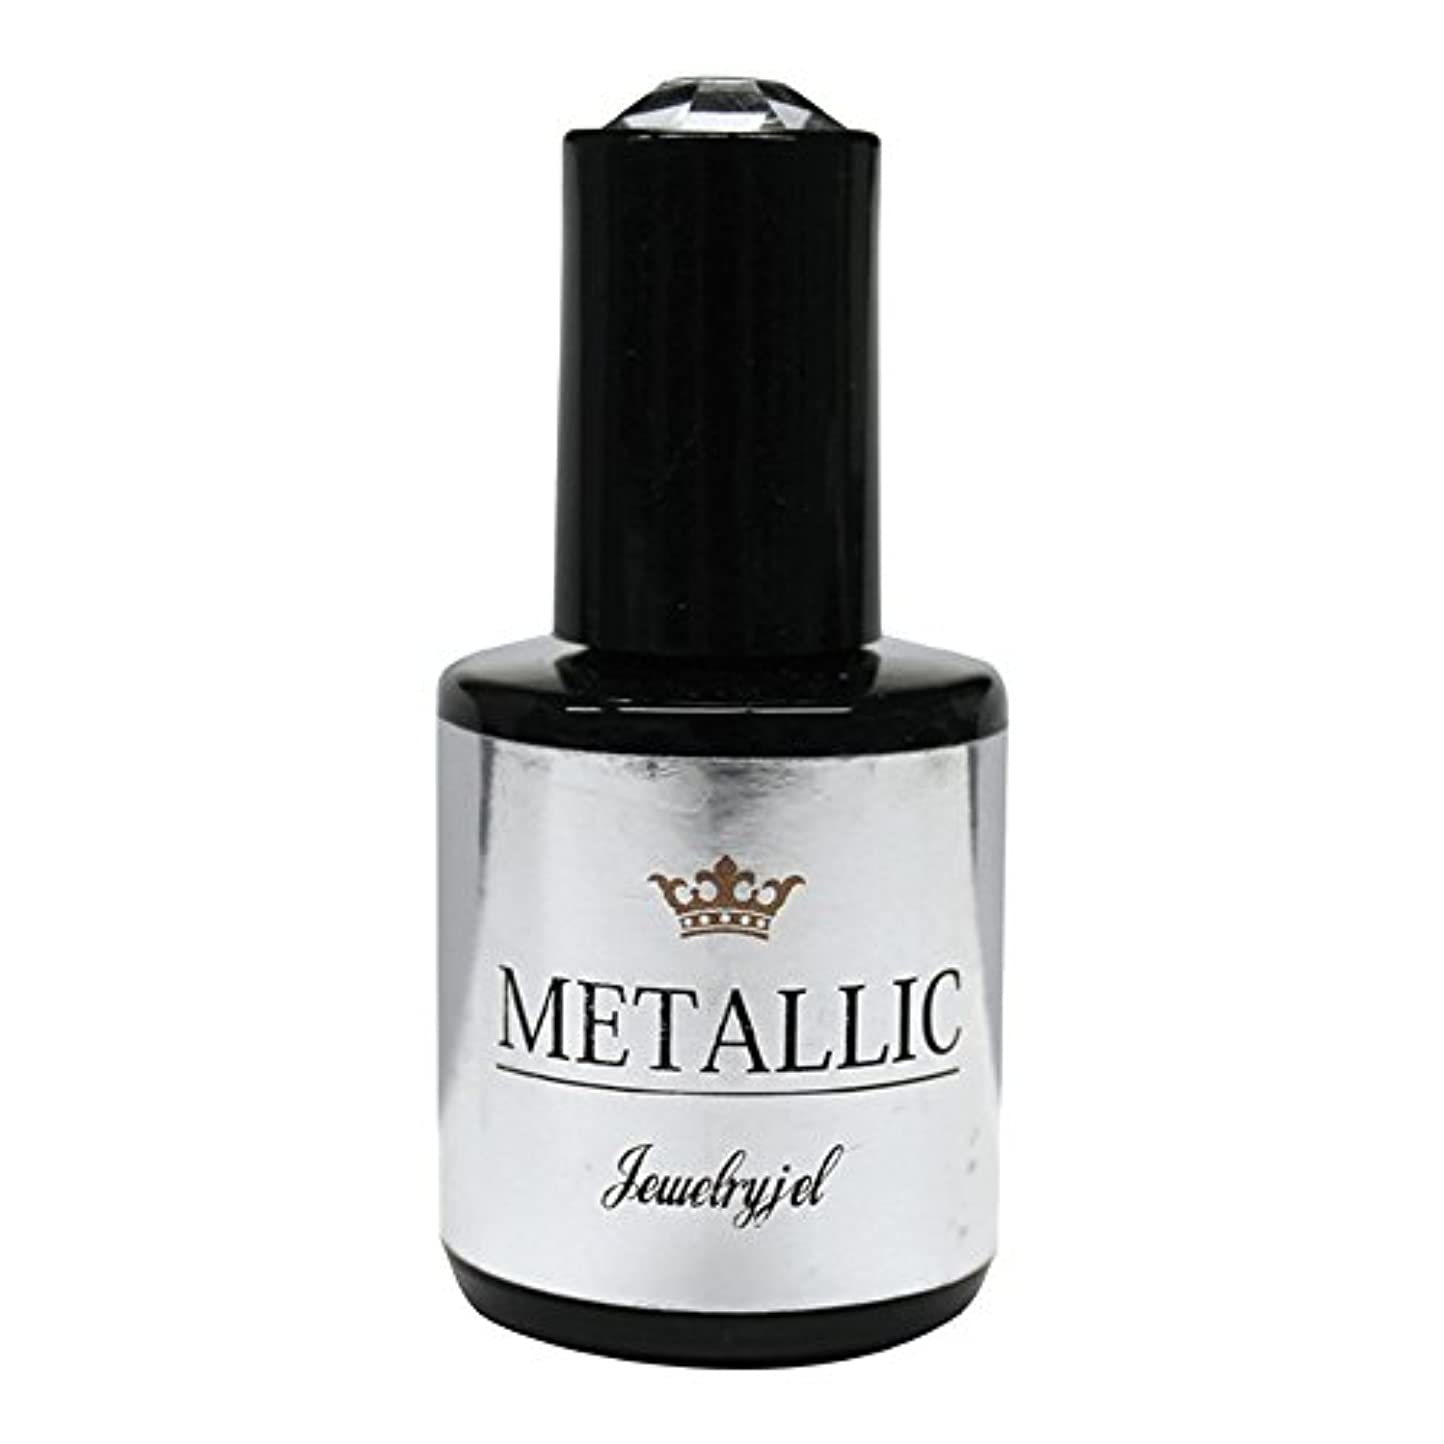 吐く鎖物質ジュエリージェル ジェルネイル  メタリックカラージェル MT038 5ml   UV/LED対応 カラージェル ソークオフジェル